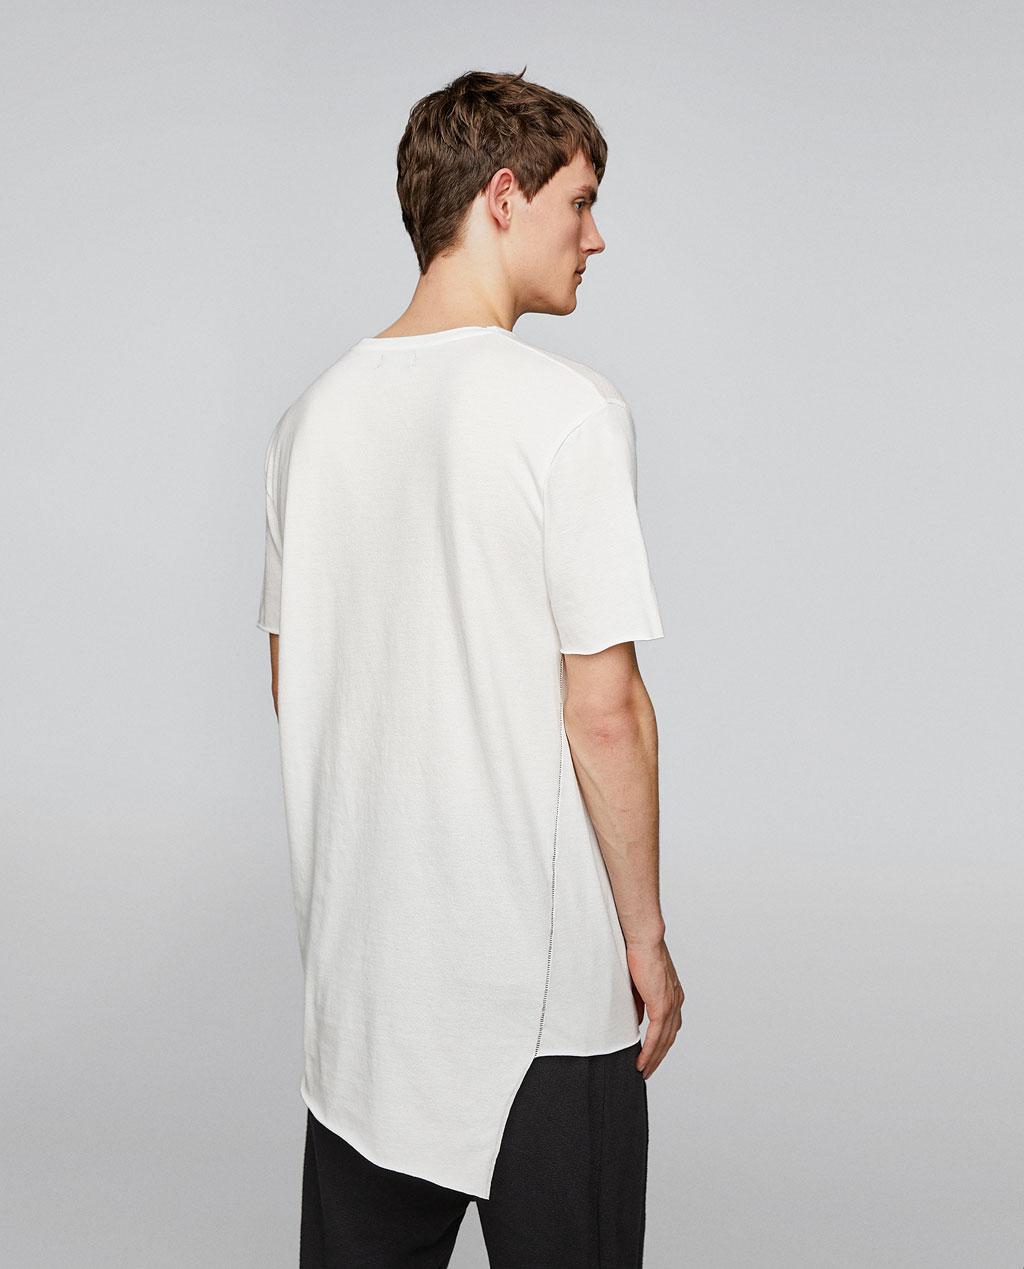 Thời trang nam Zara  23902 - ảnh 5